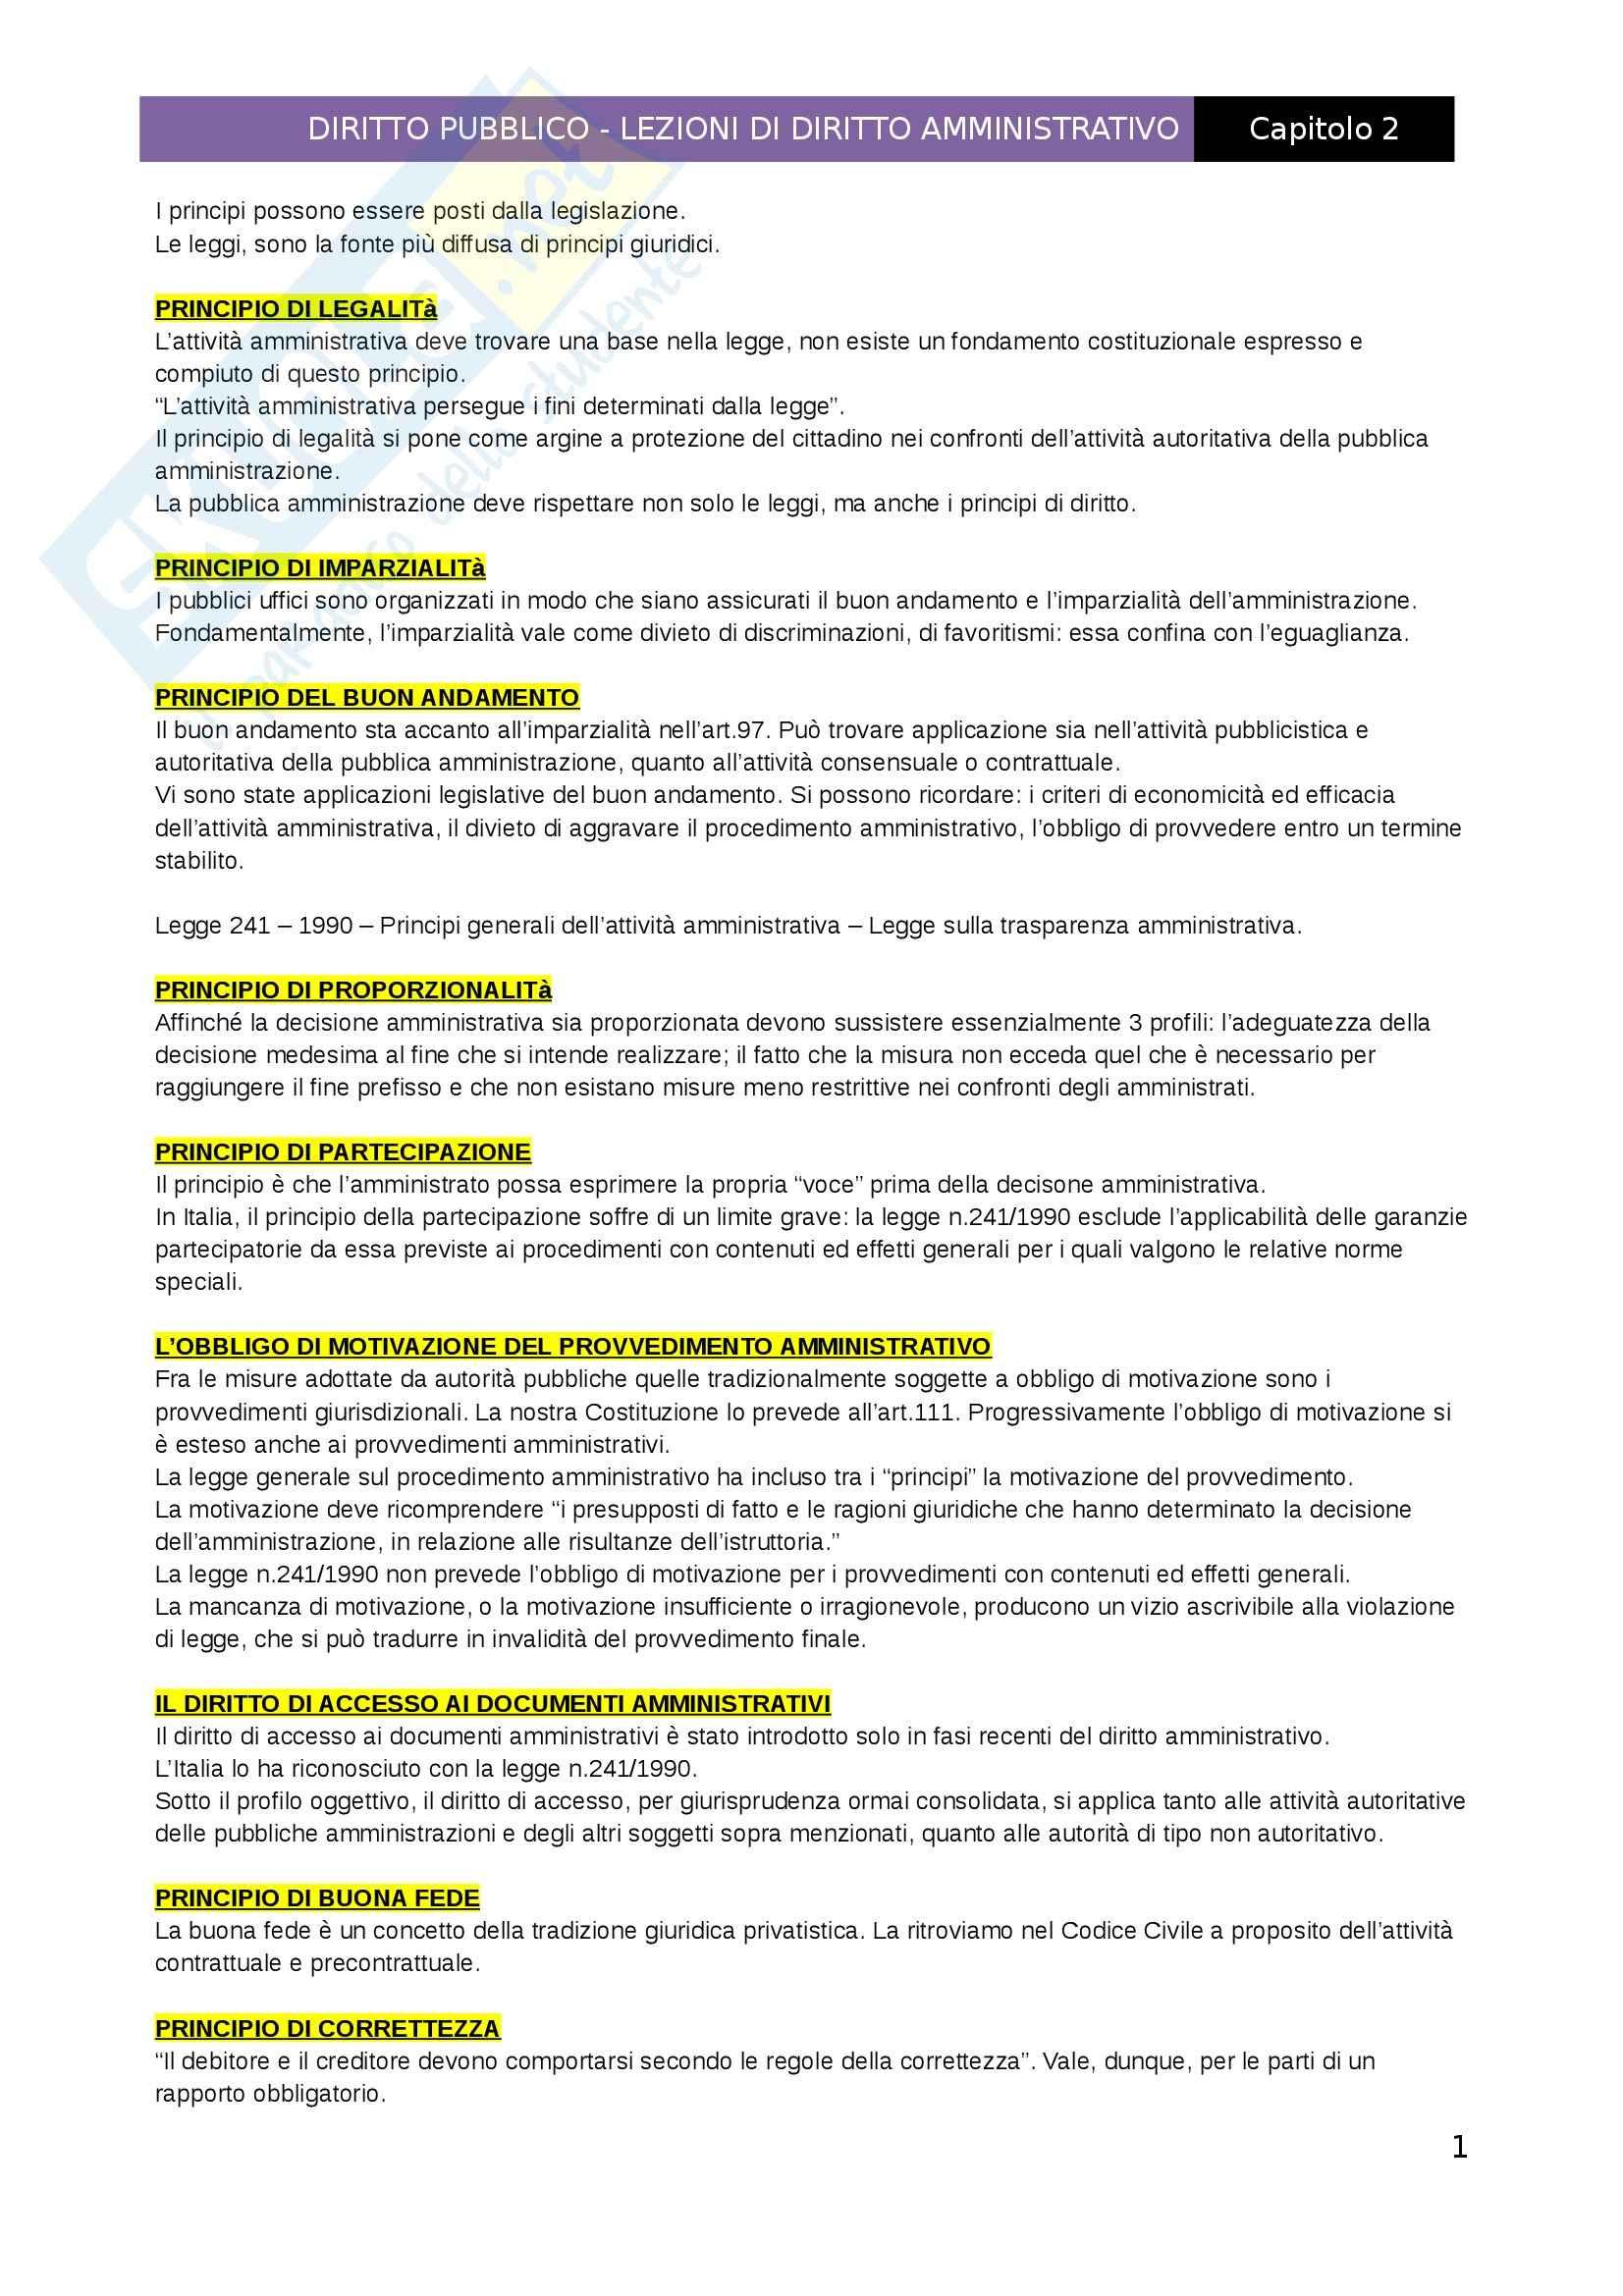 Lezioni di diritto Amministrativo, Capitolo 2